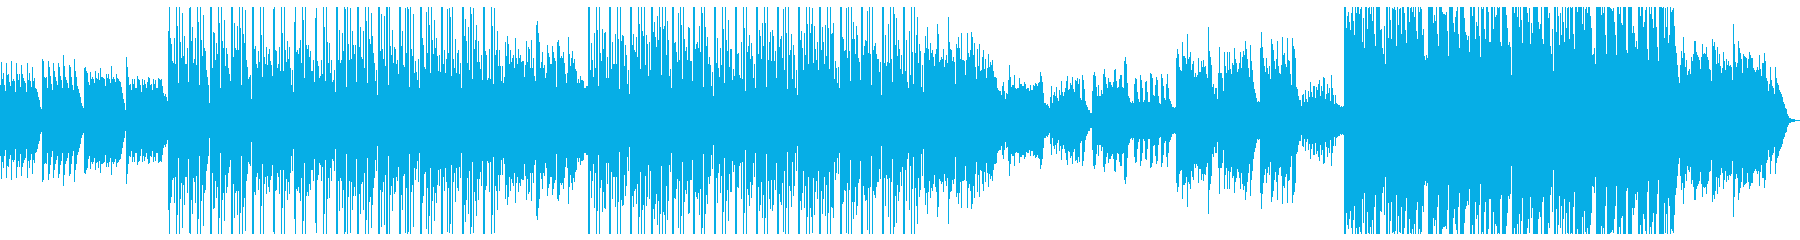 エレクトリックでかわいいメロのBGMの再生済みの波形